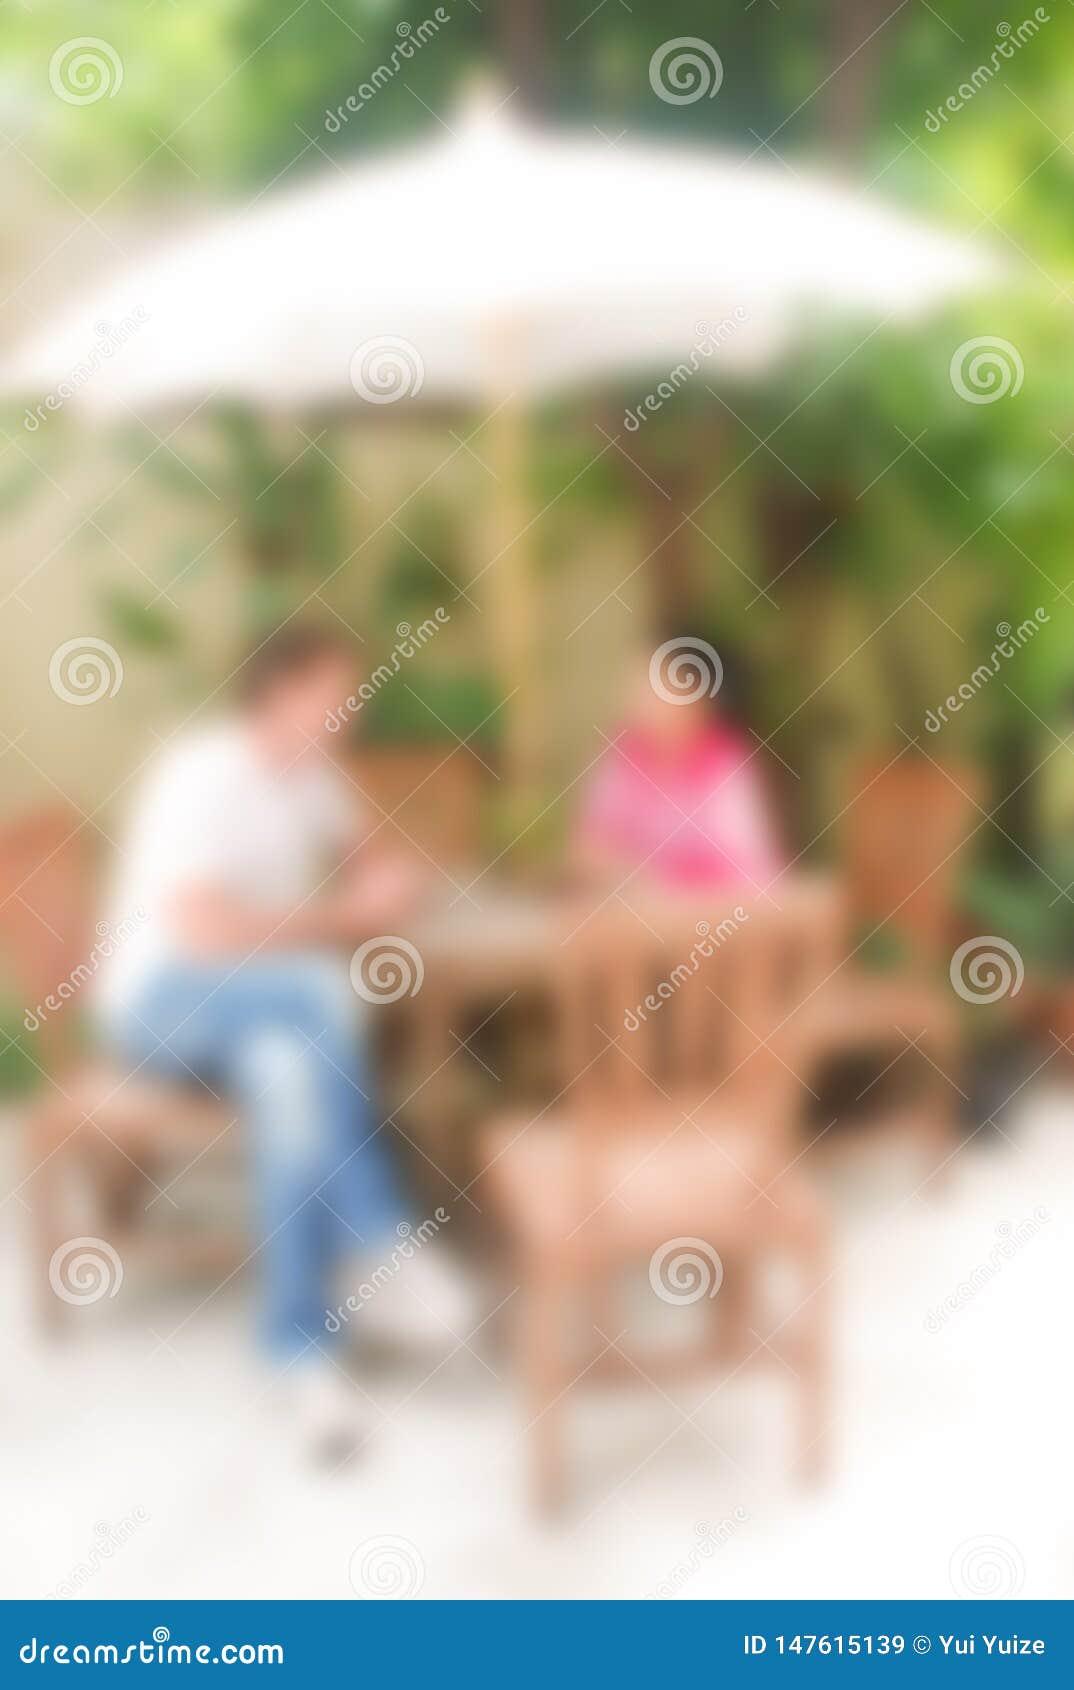 被弄脏的背景、男人和妇女谈话或讨论某事,迷离图片概念